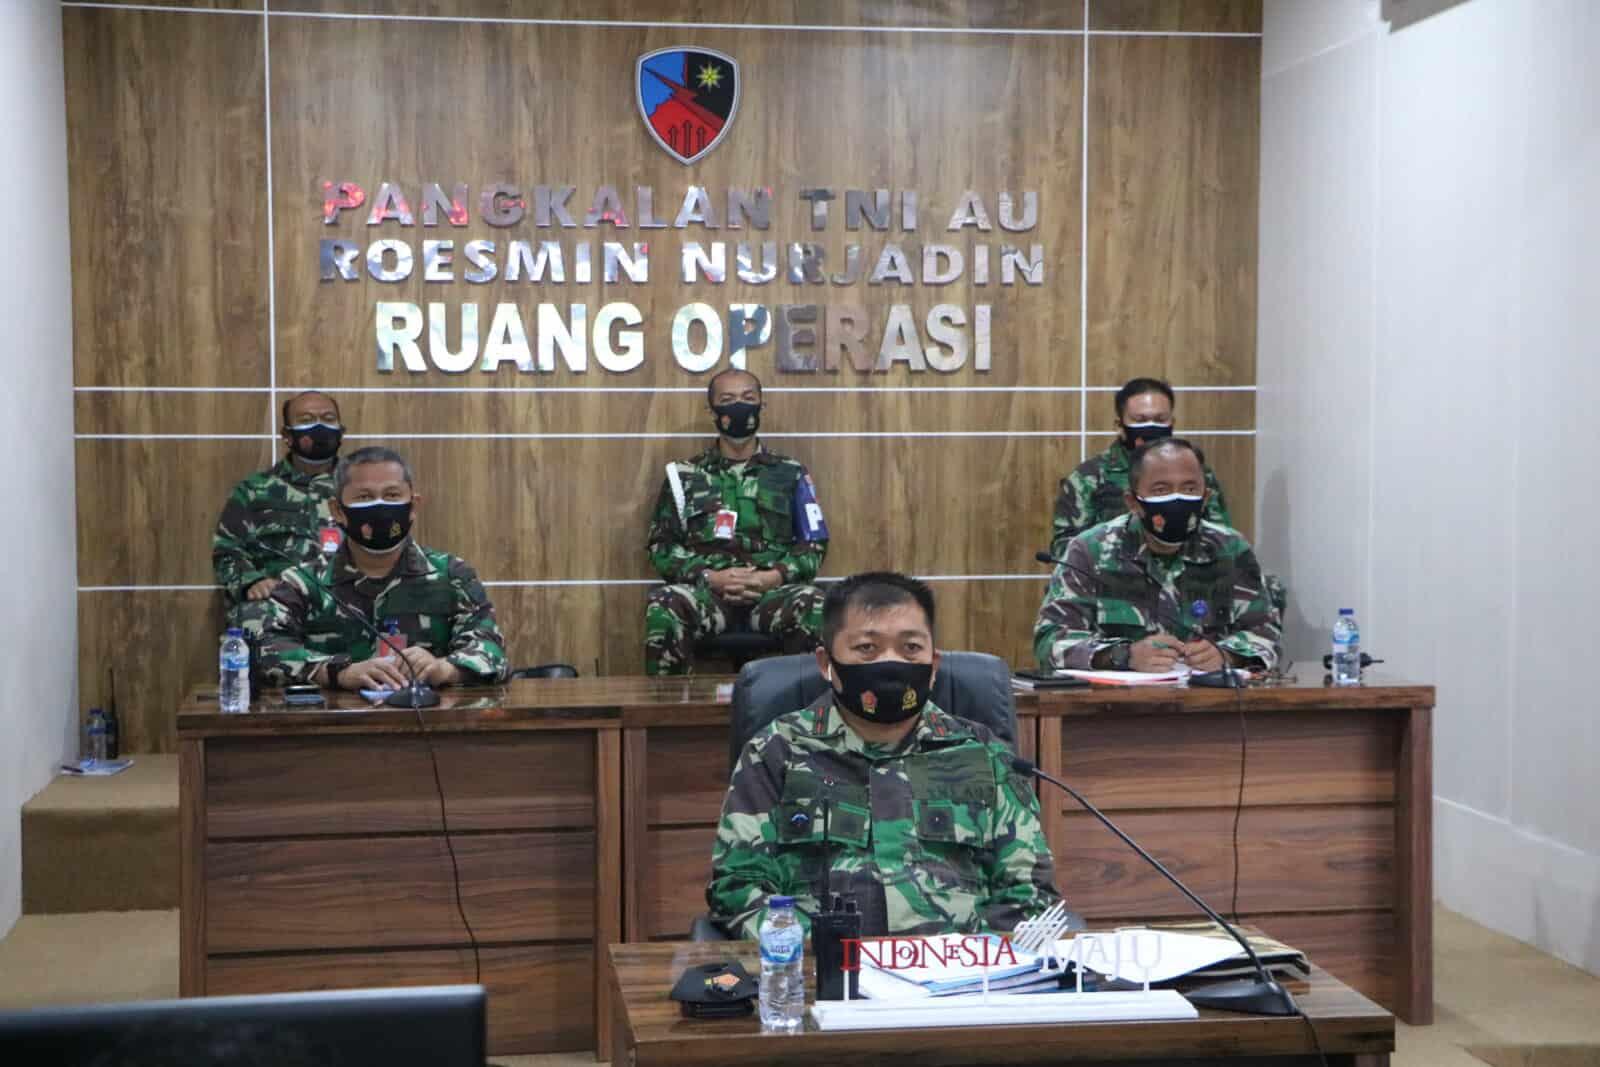 Kasau Ajak Prajurit TNI AU Disiplin Protokol Kesehatan